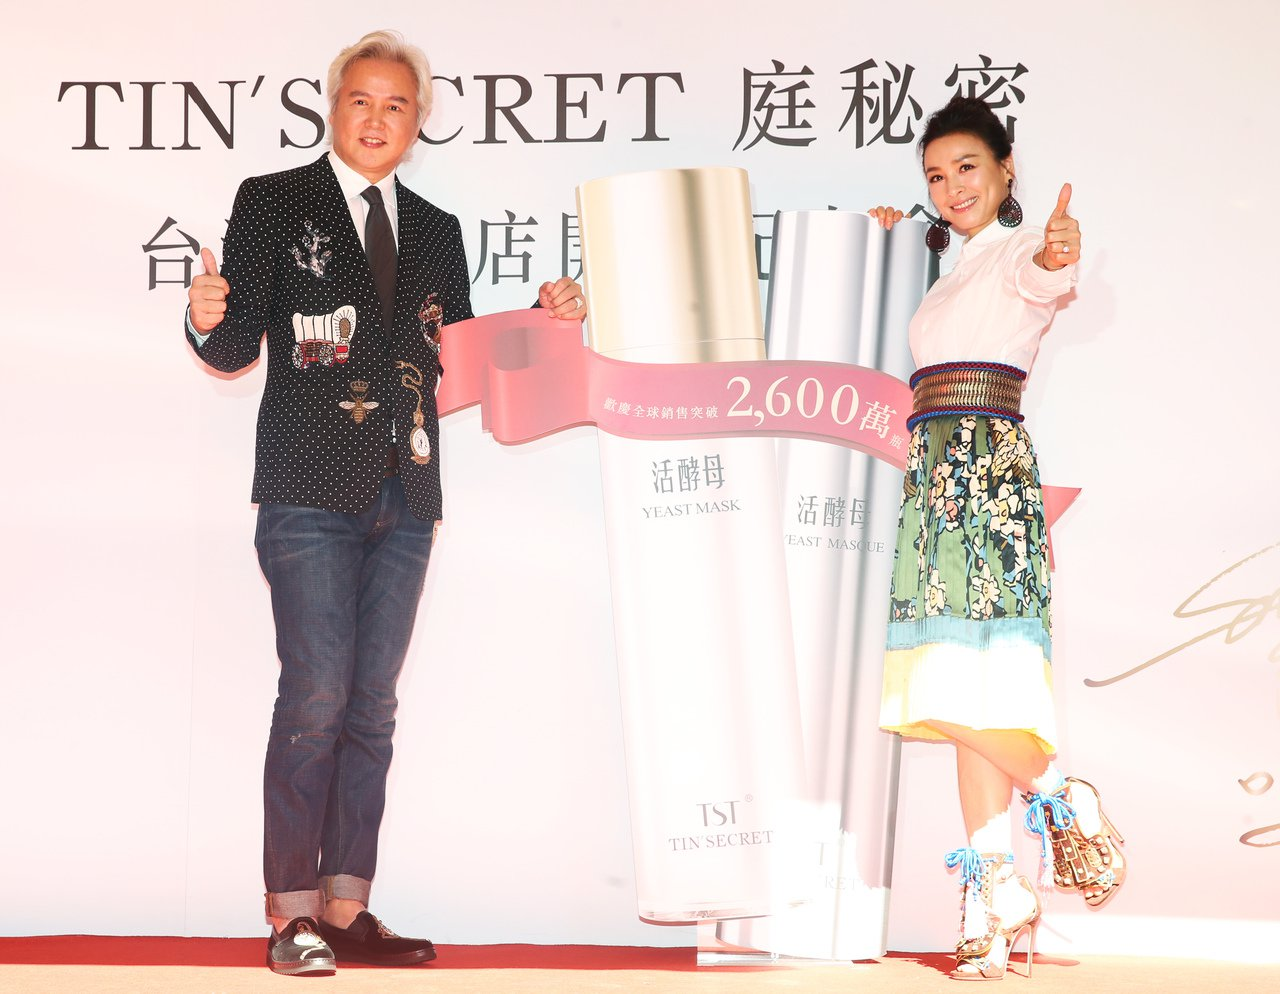 張庭(右)、林瑞陽(左)昨天出席自創品牌保養品牌旗艦店開幕活動。記者徐兆玄/攝影